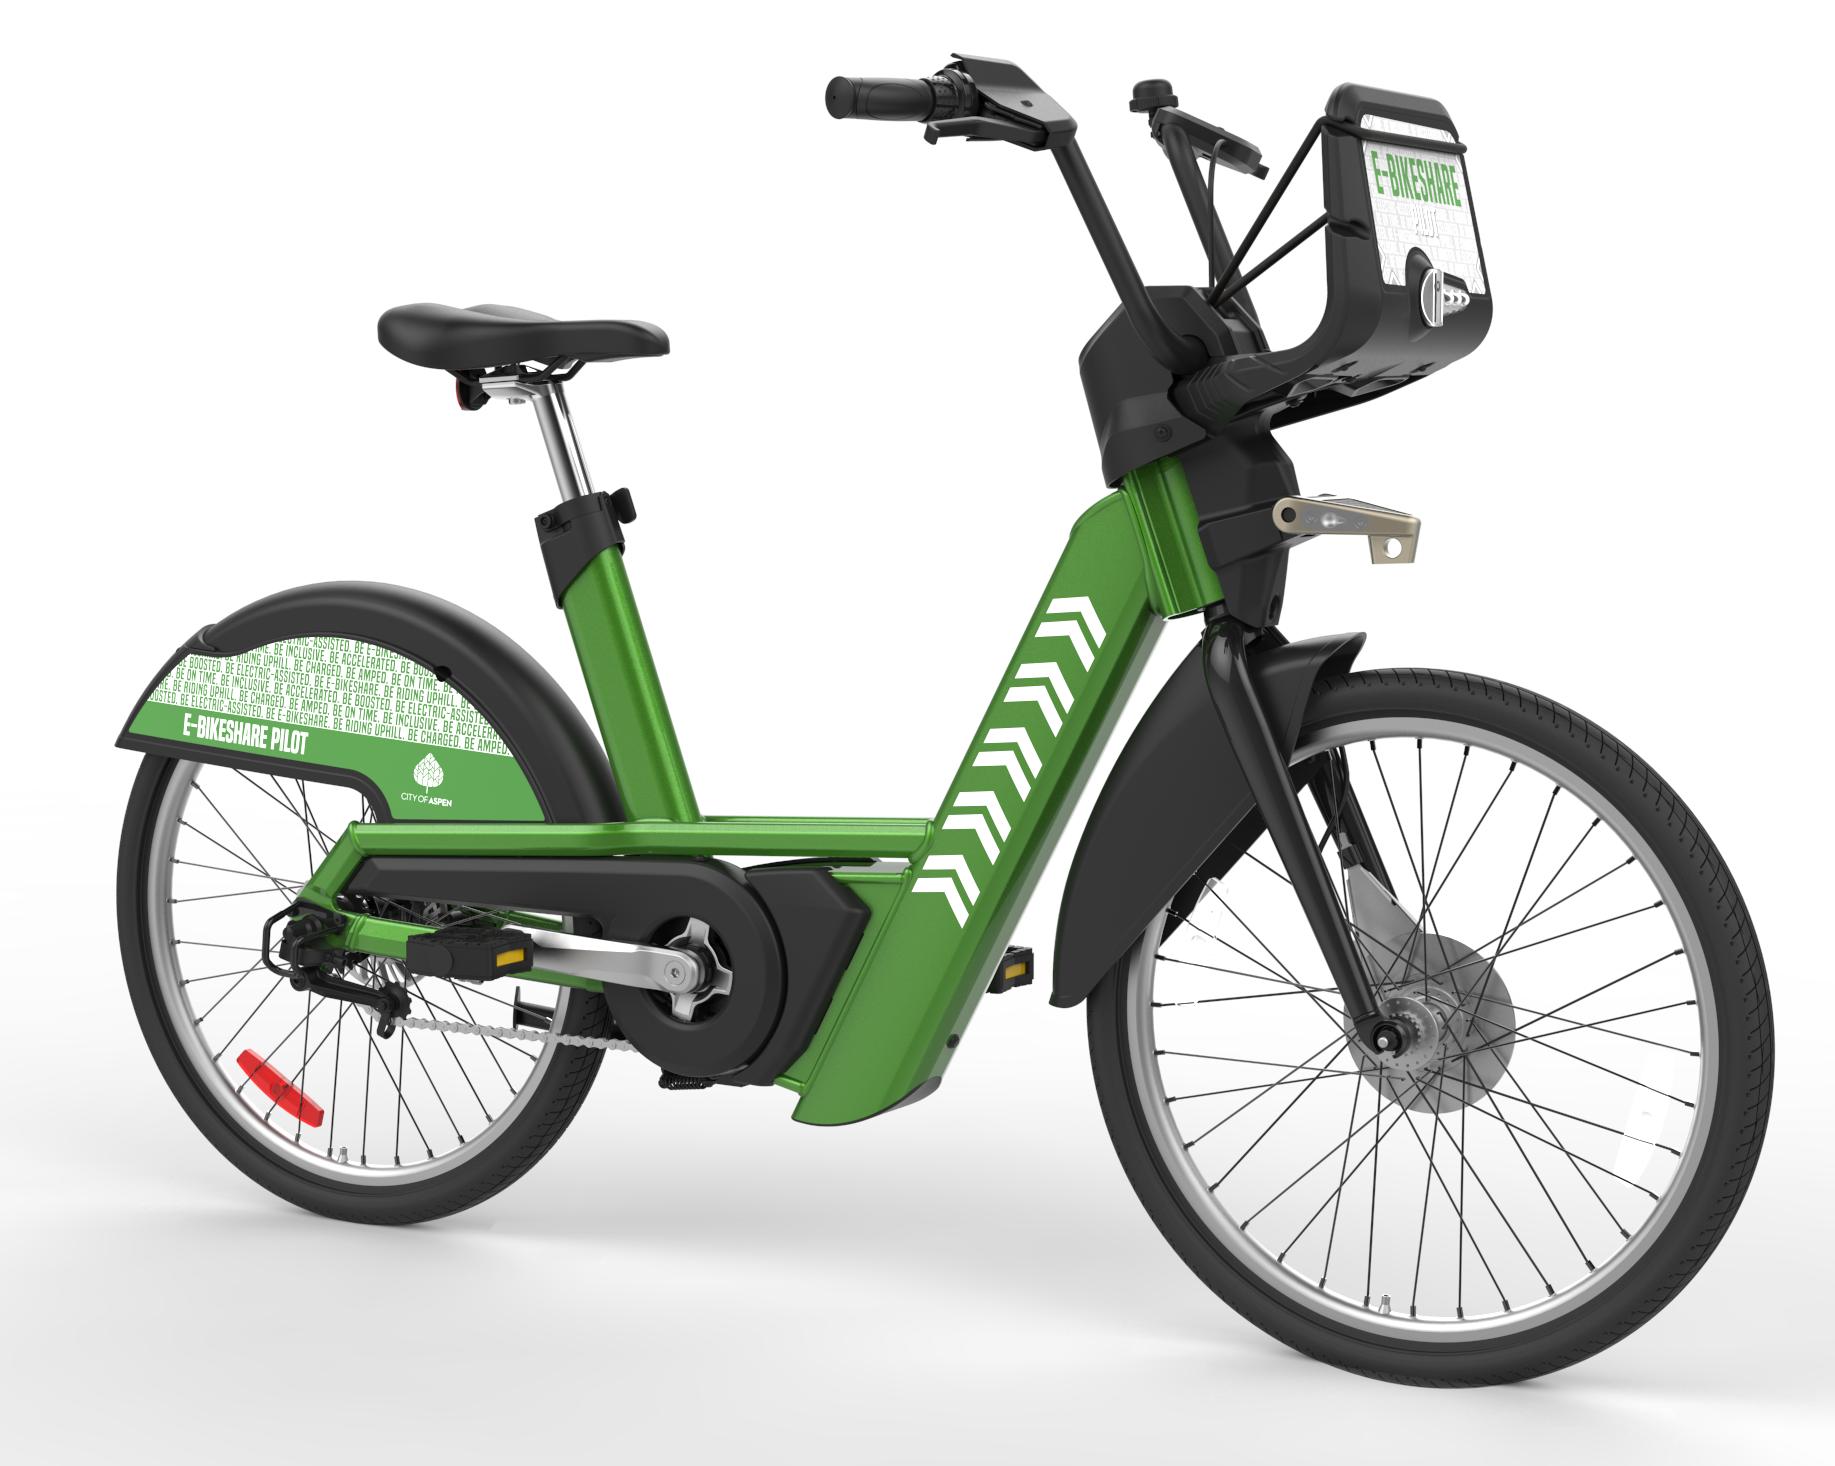 WE-cycle green e-bike